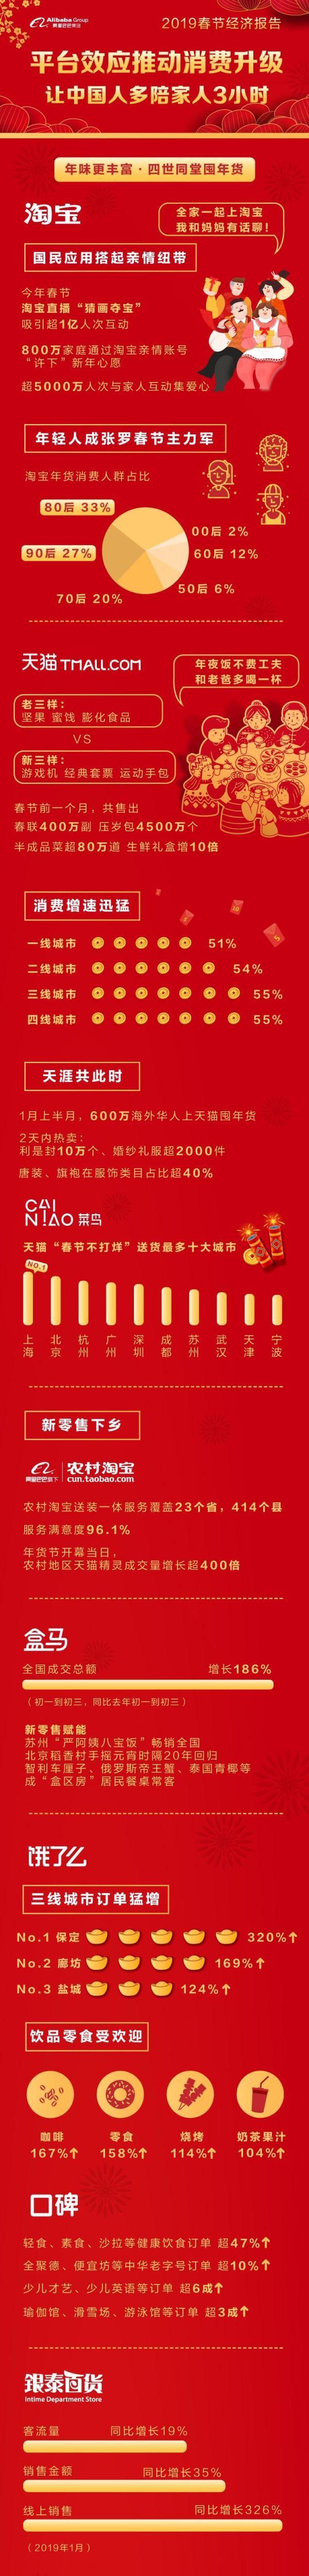 支付宝春节支付数据:60后境外支付人数增长130%-识物网 - 15NEWS.CN